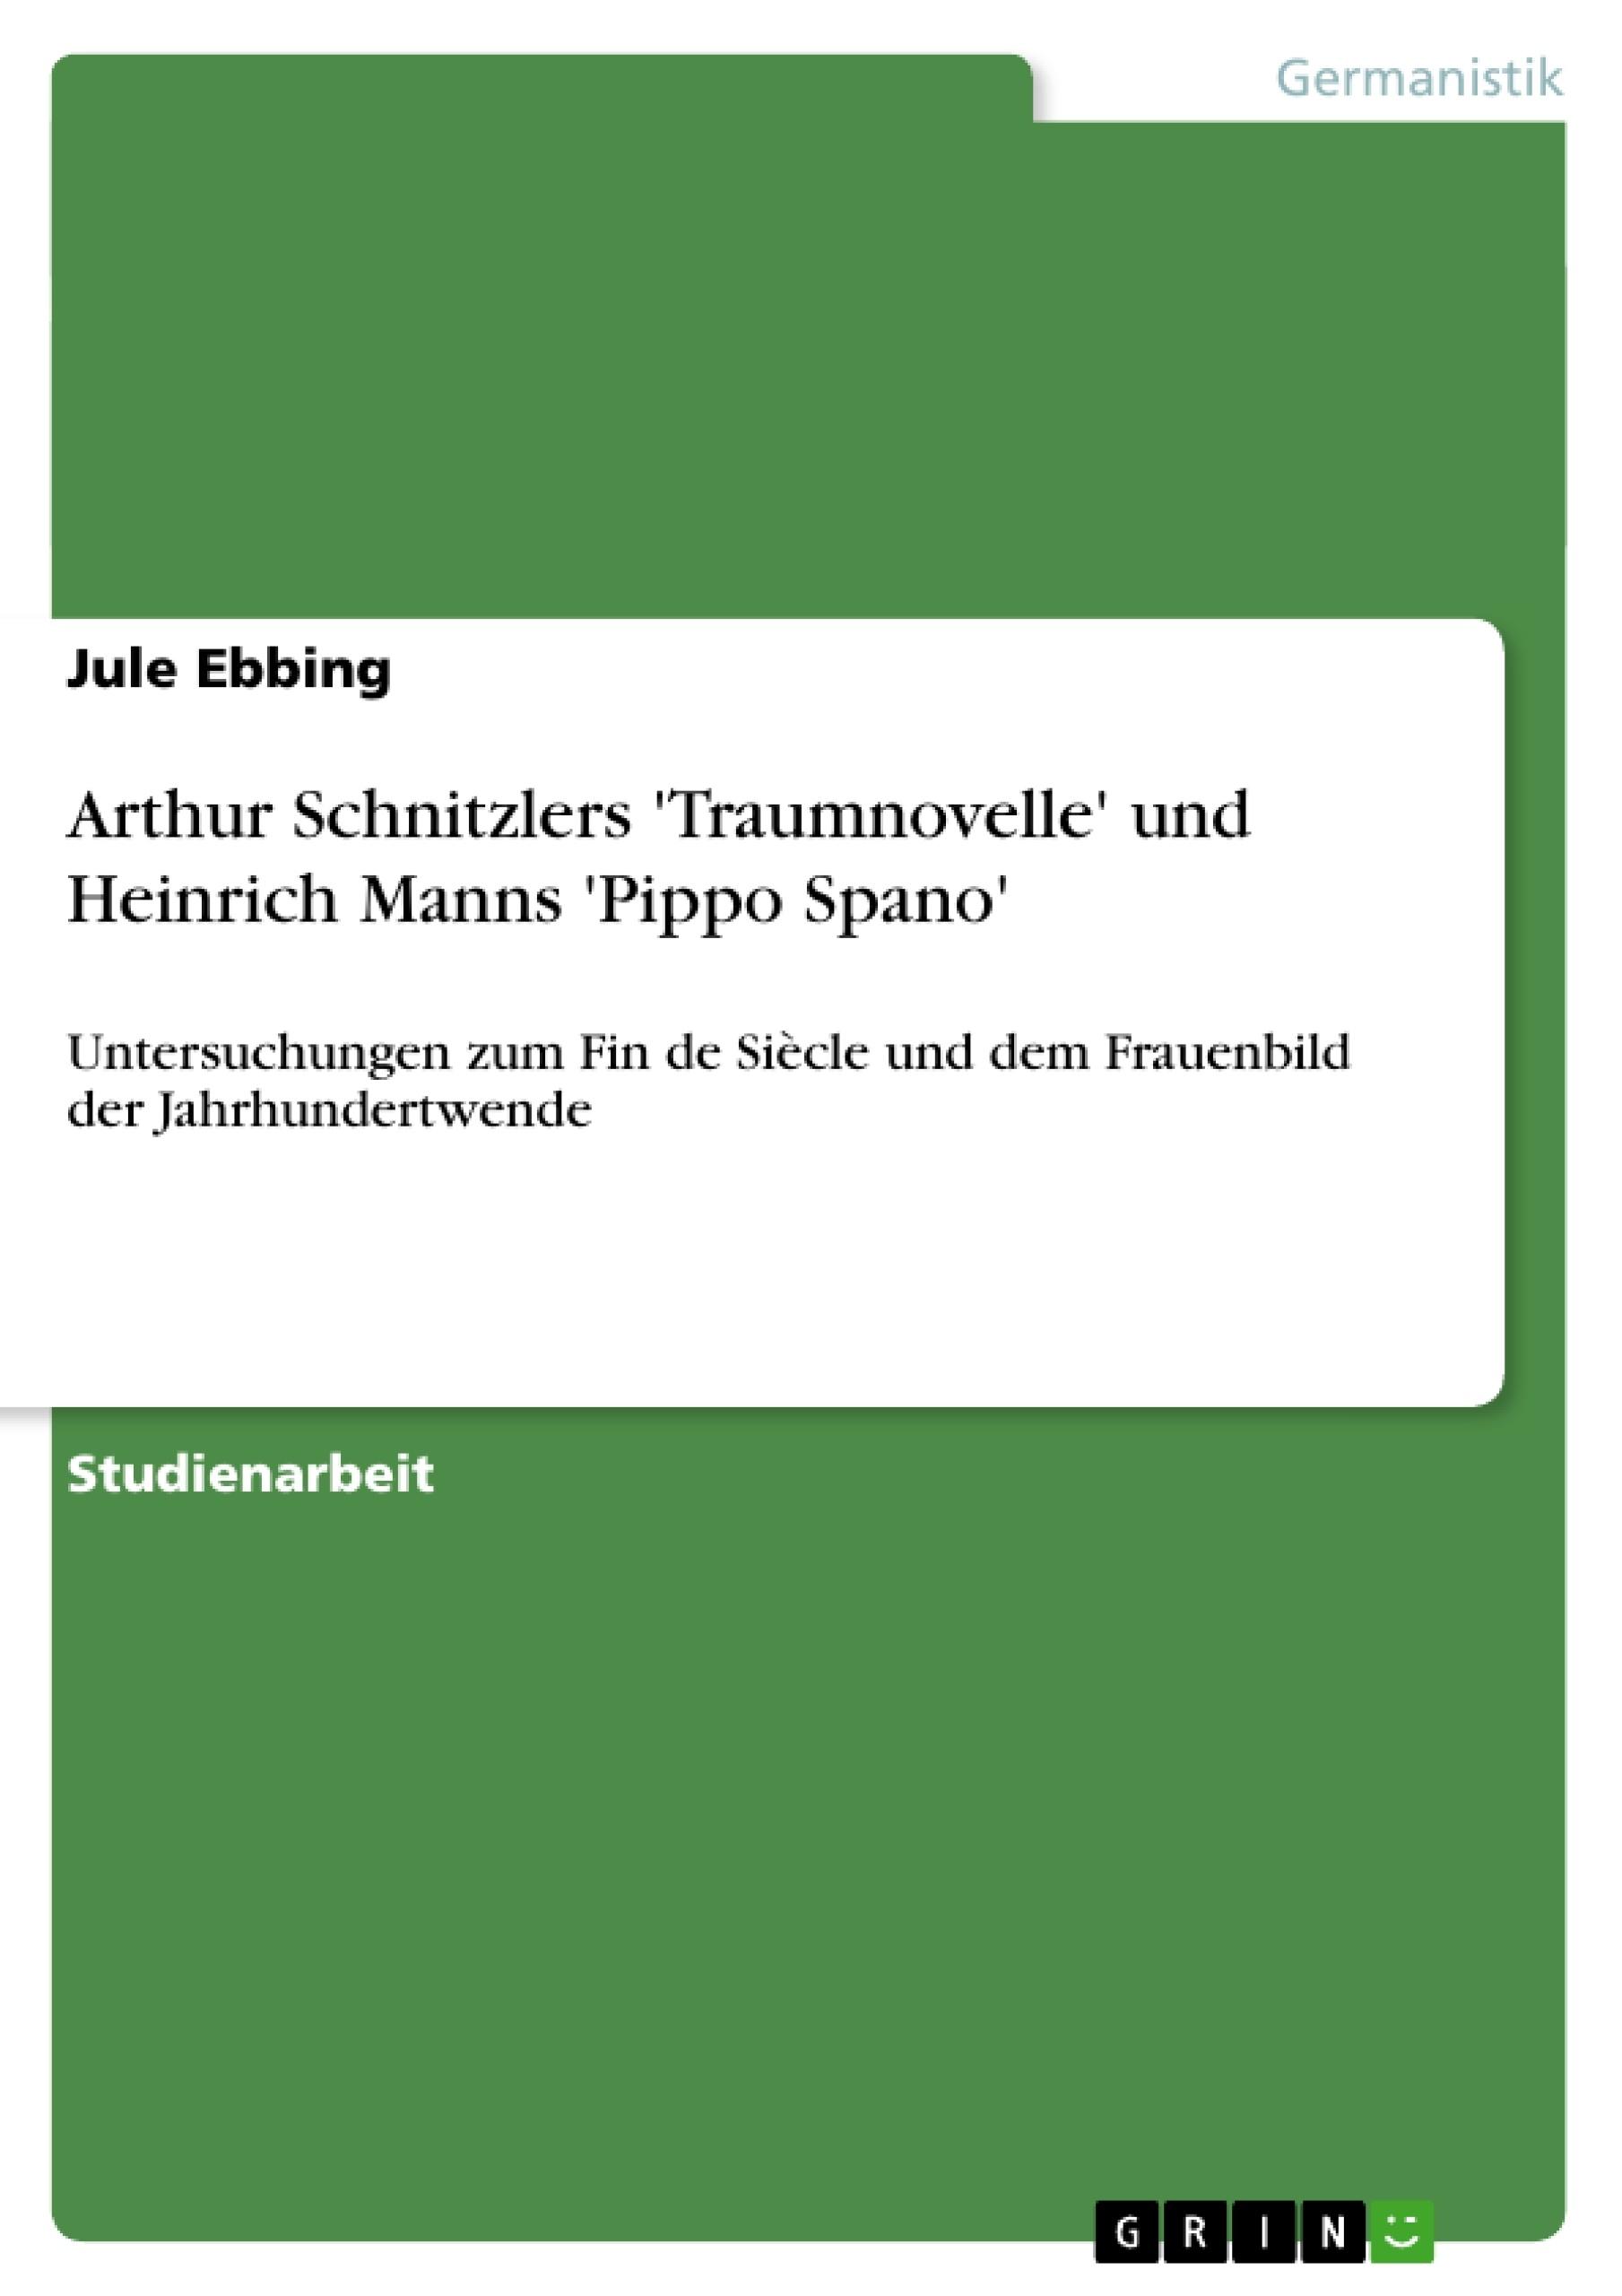 Titel: Arthur Schnitzlers 'Traumnovelle' und Heinrich Manns 'Pippo Spano'